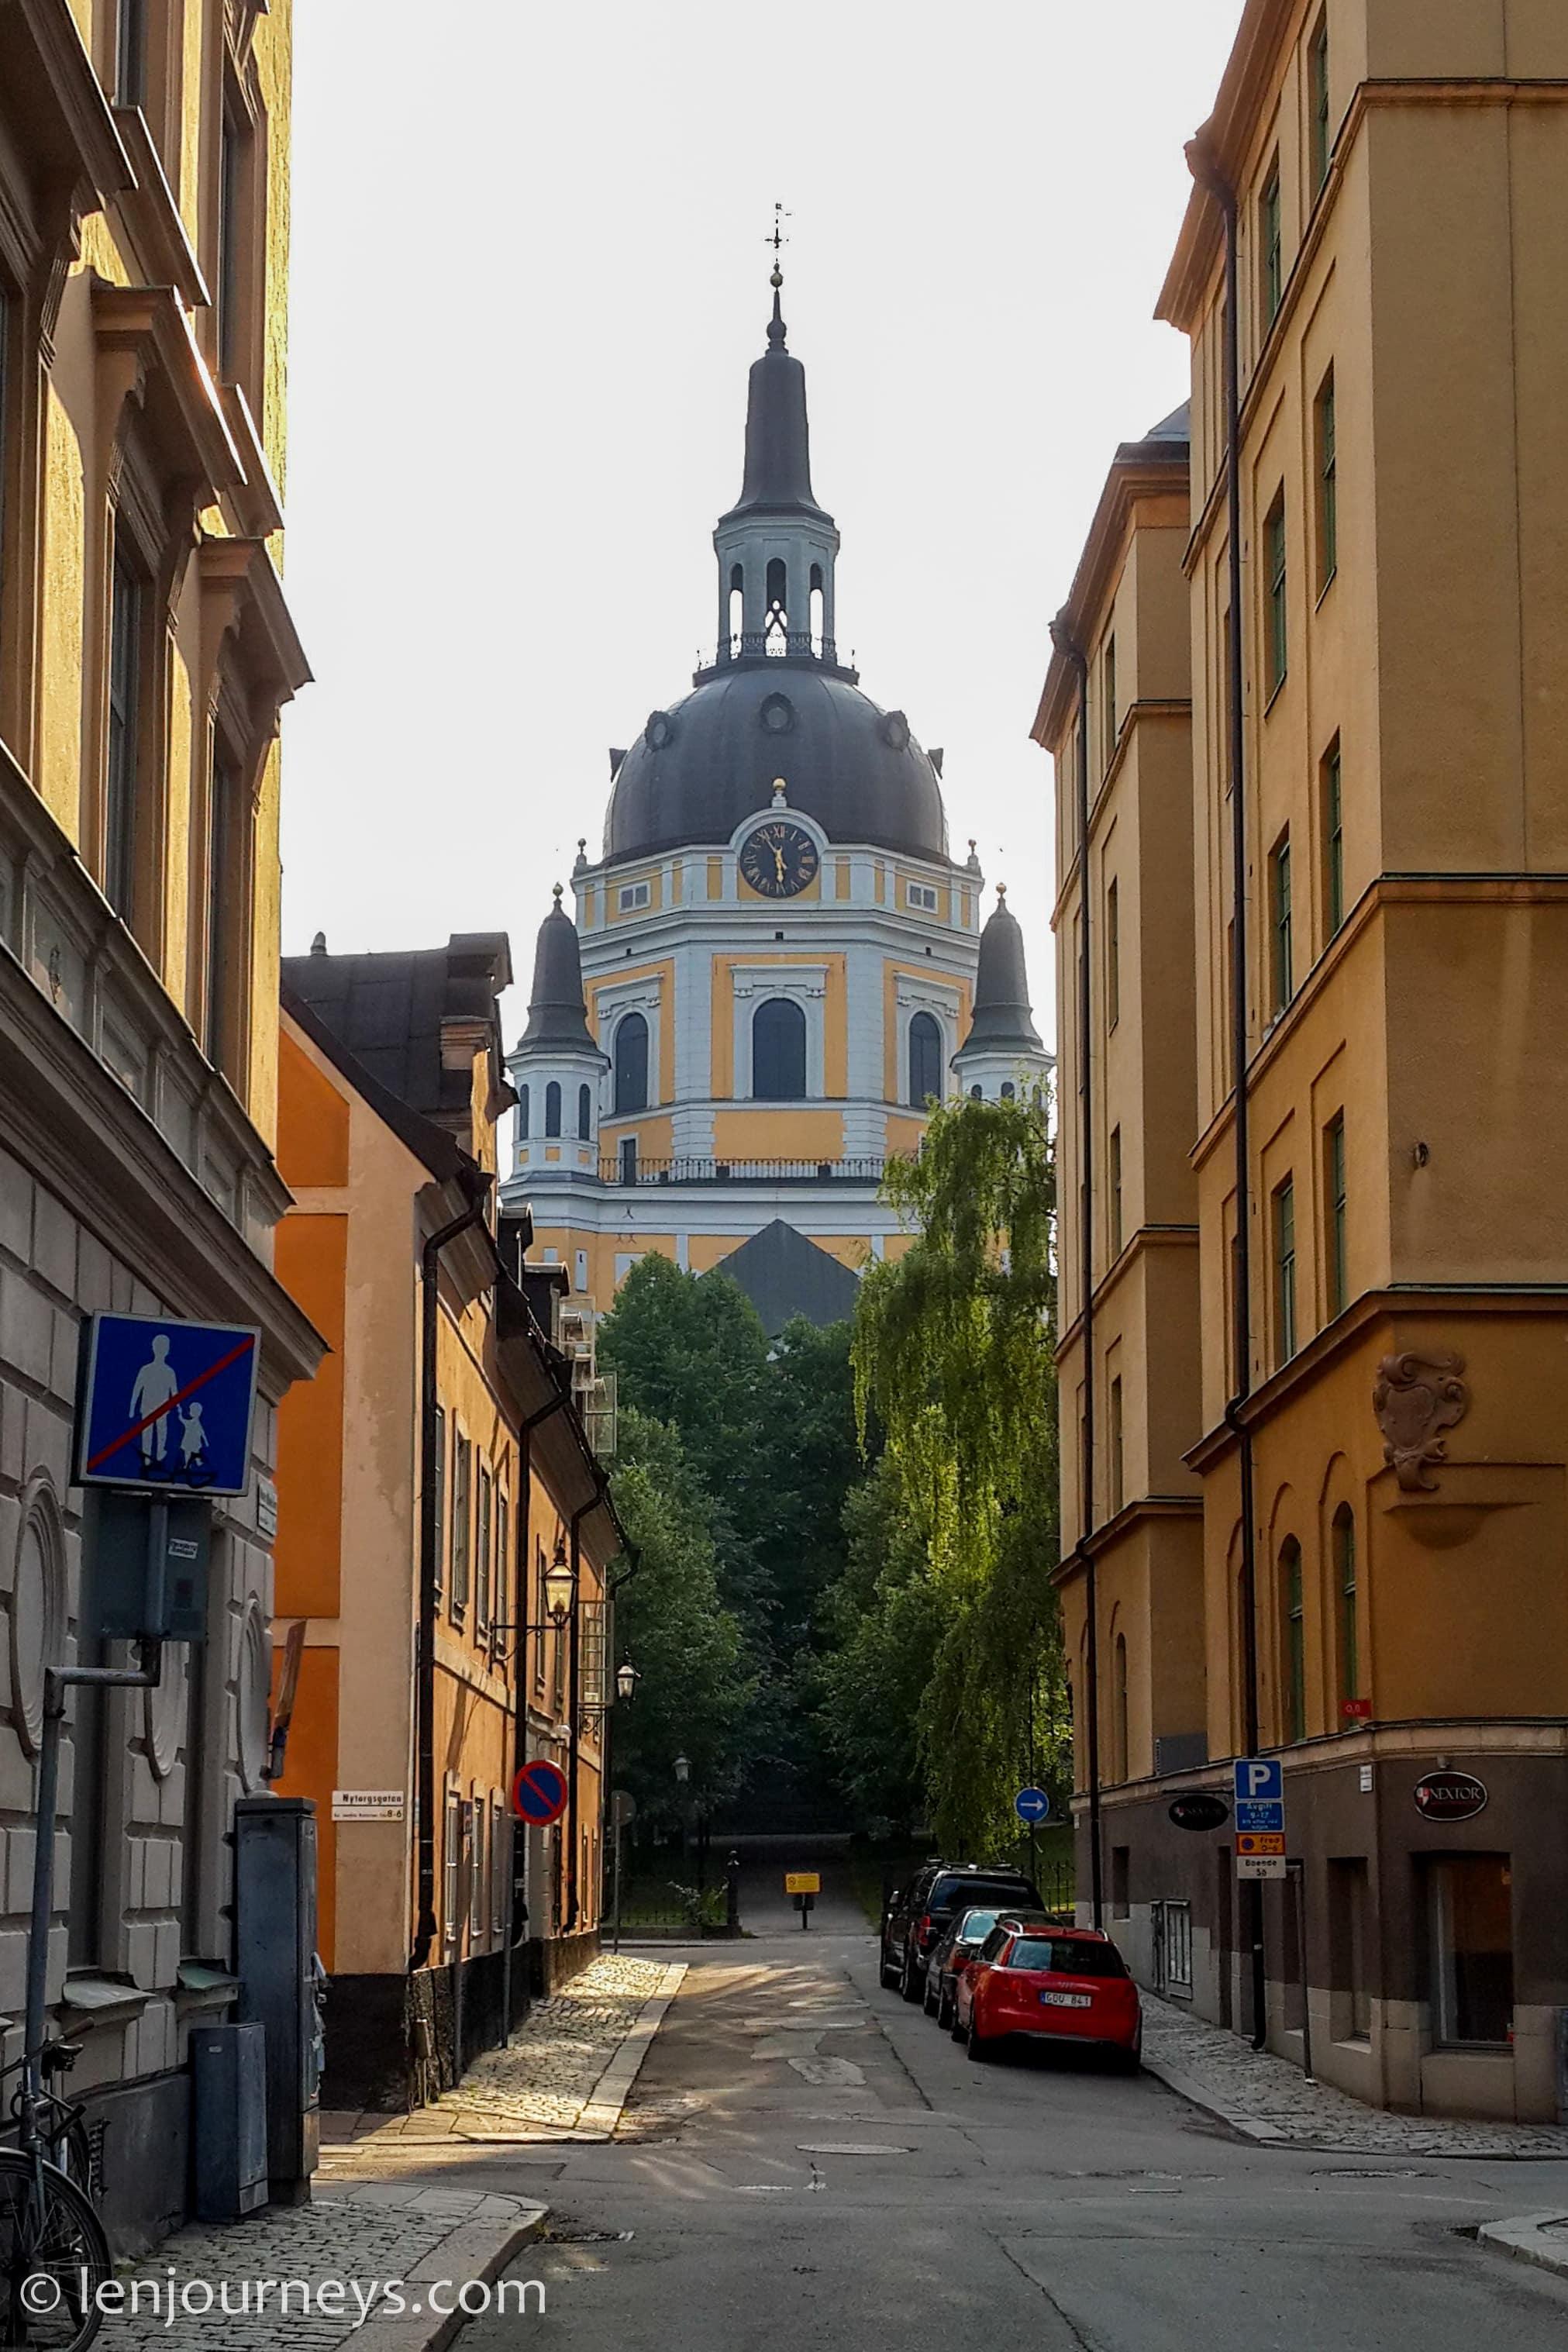 A church in Södermalm